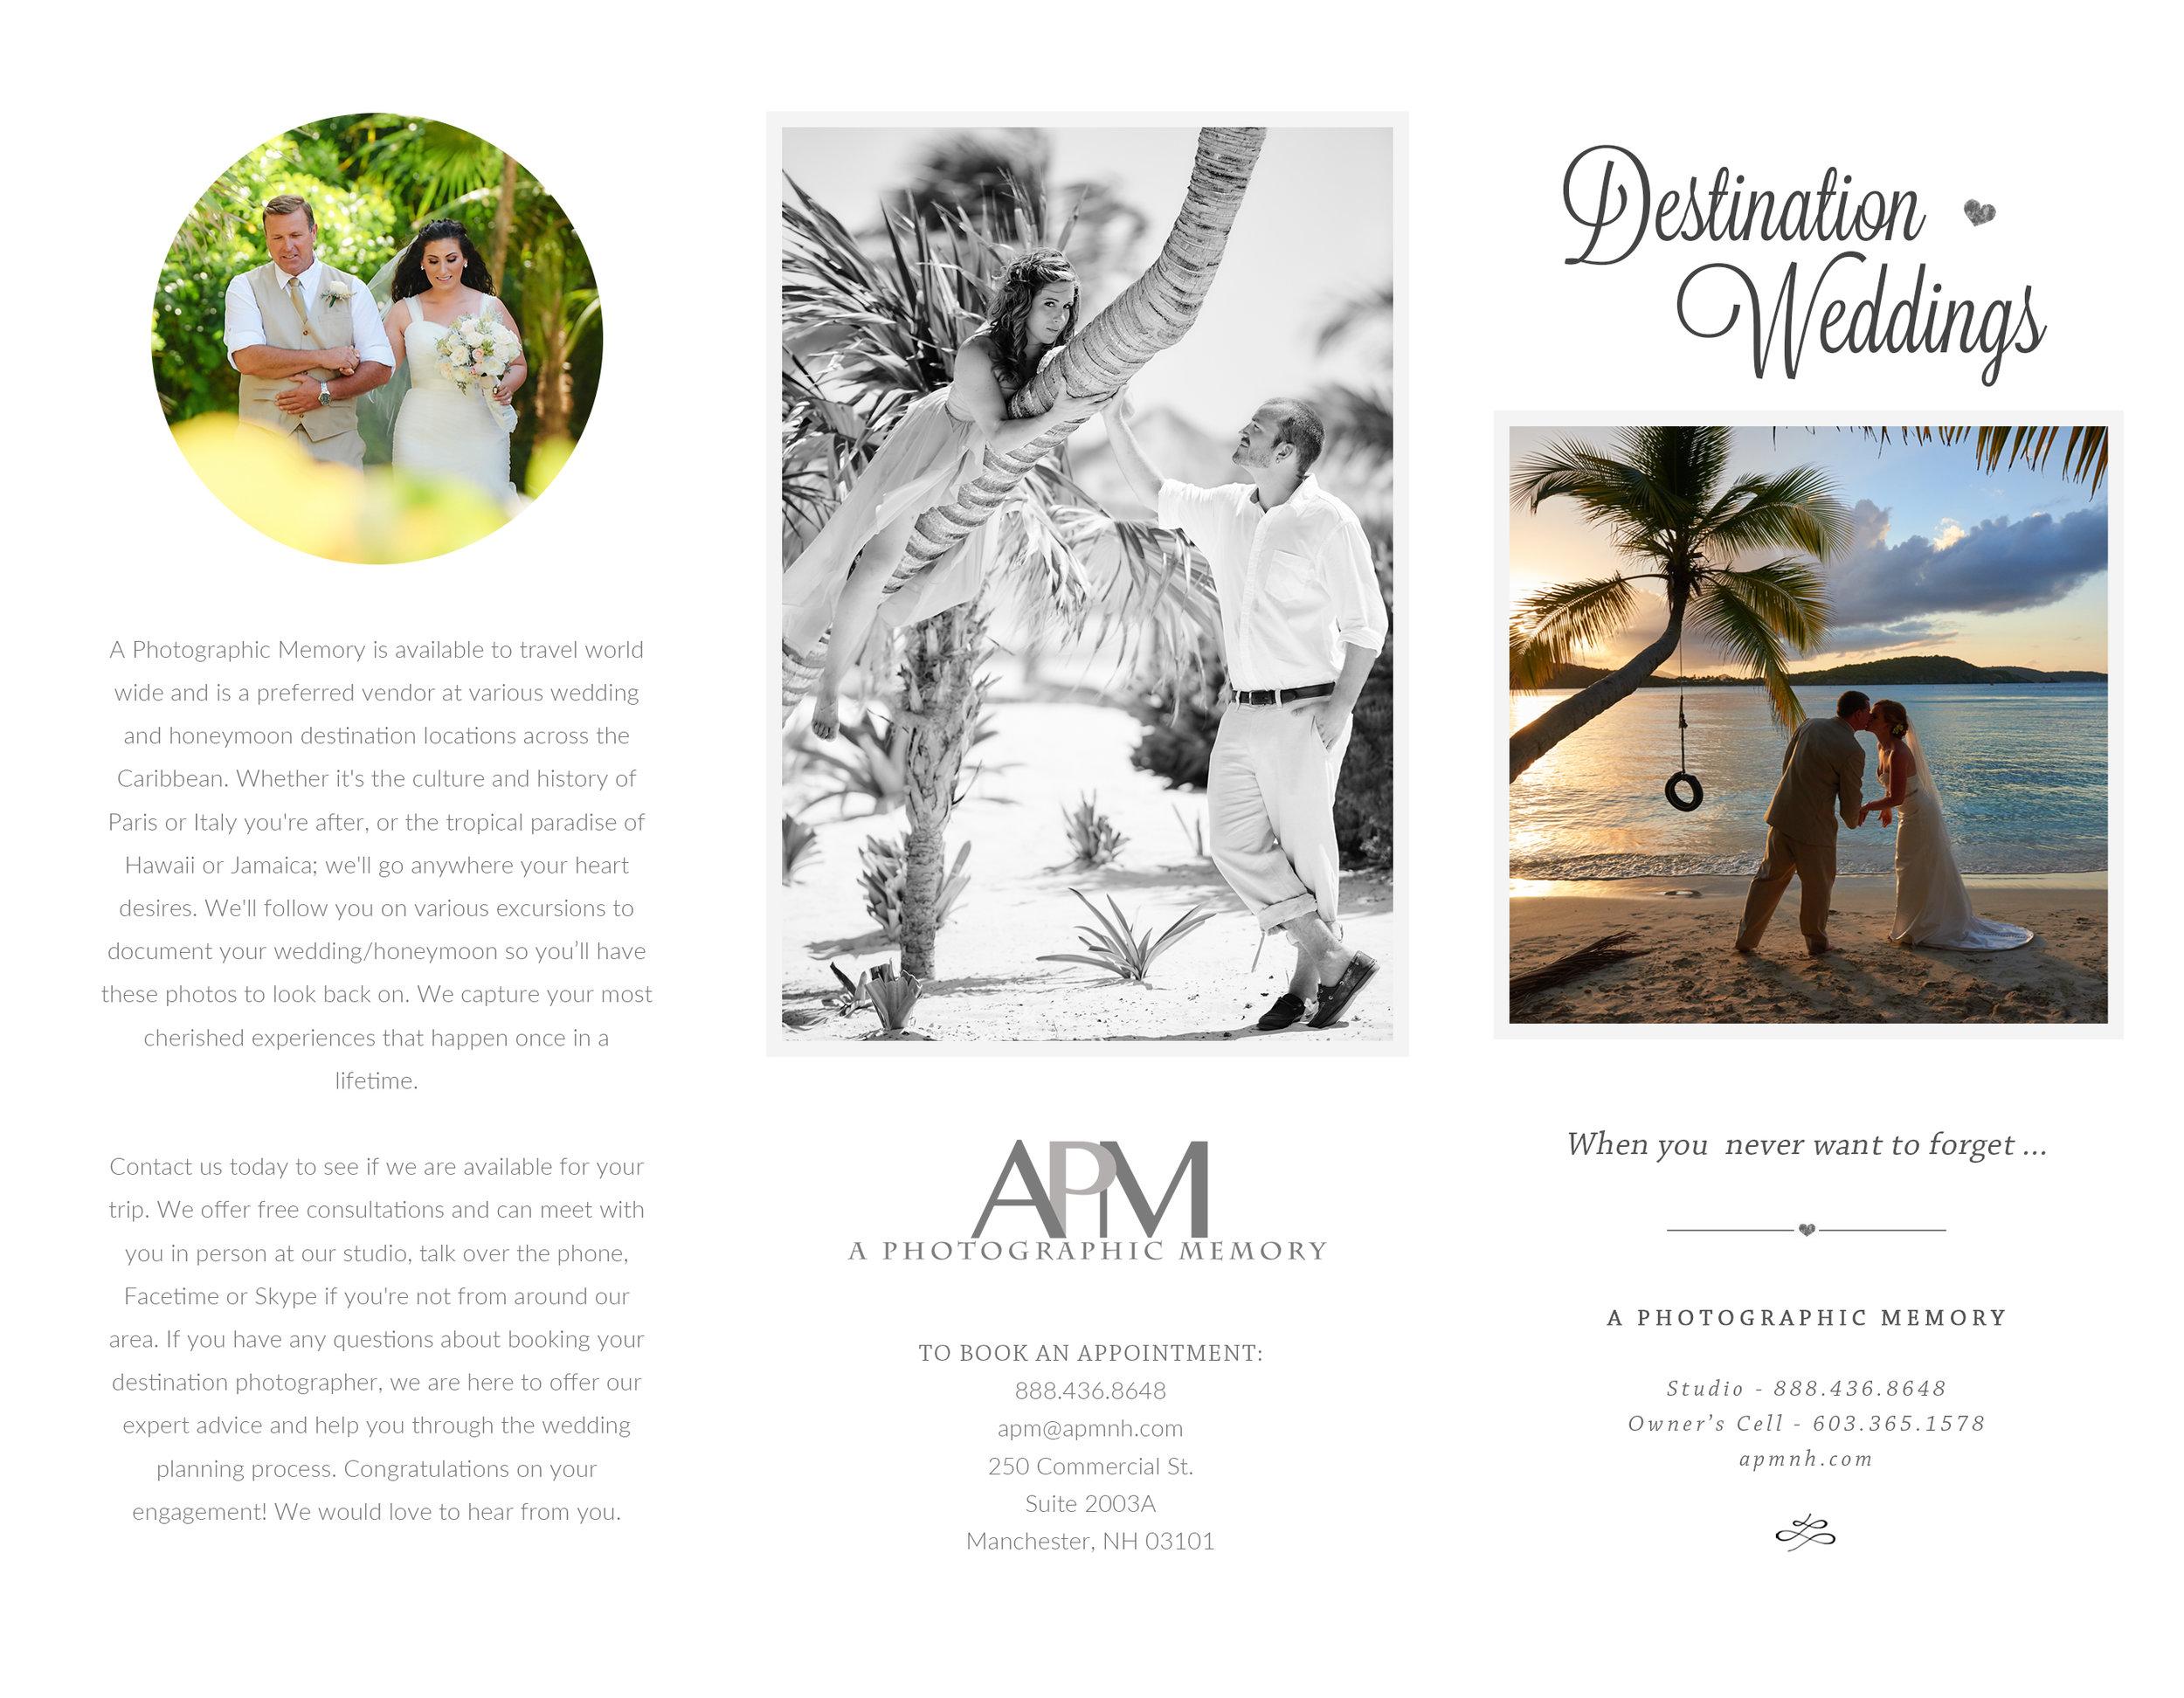 APM_Tri-Fold Brochure_destinationweddings.jpg